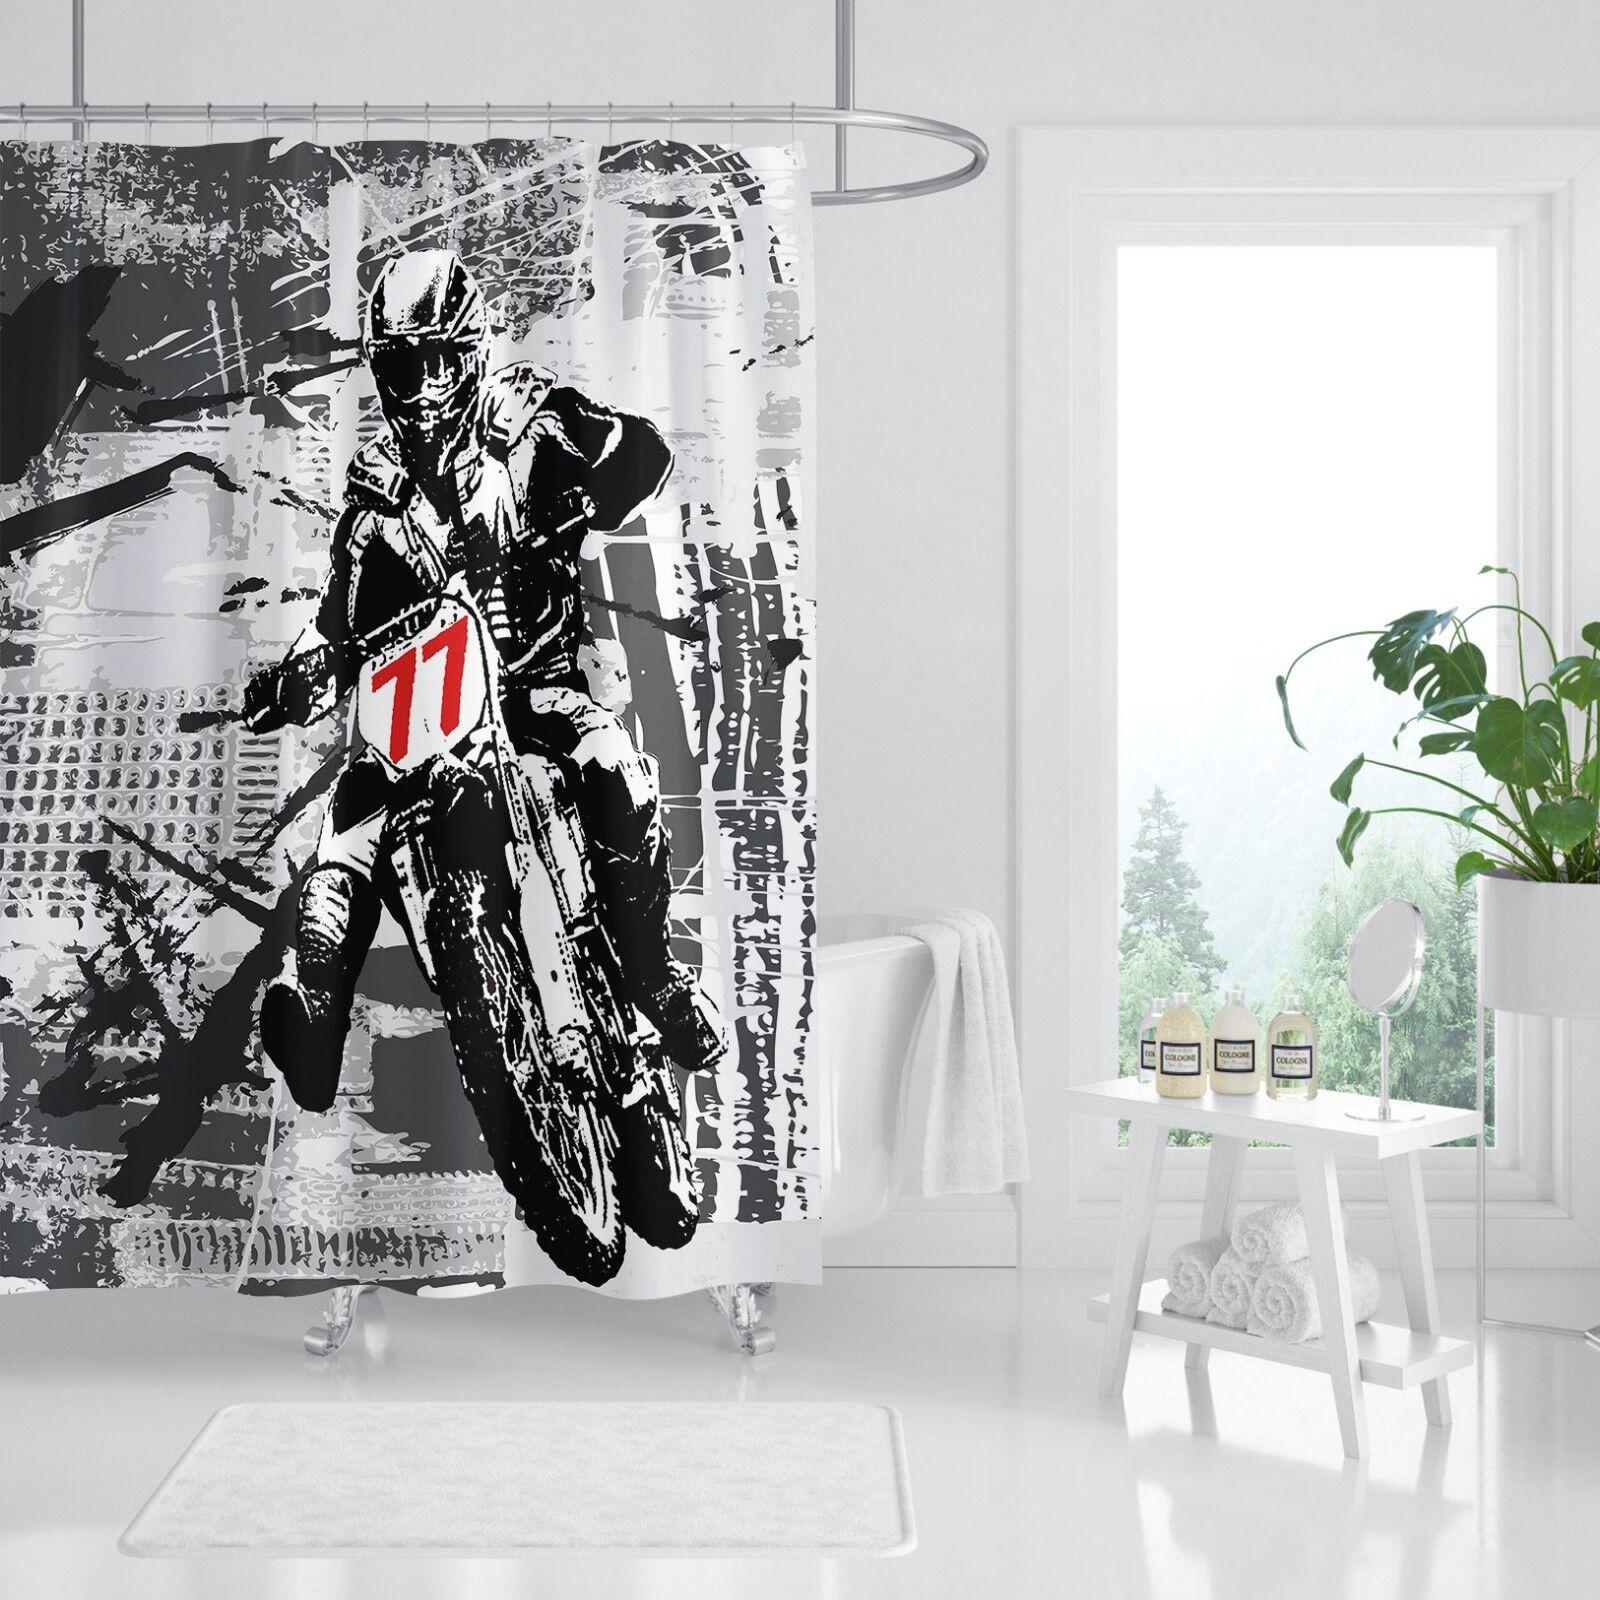 3D Moto 54 Rideau de Douche Imperméable Fibre Salle de Bain Home Windows Toilette